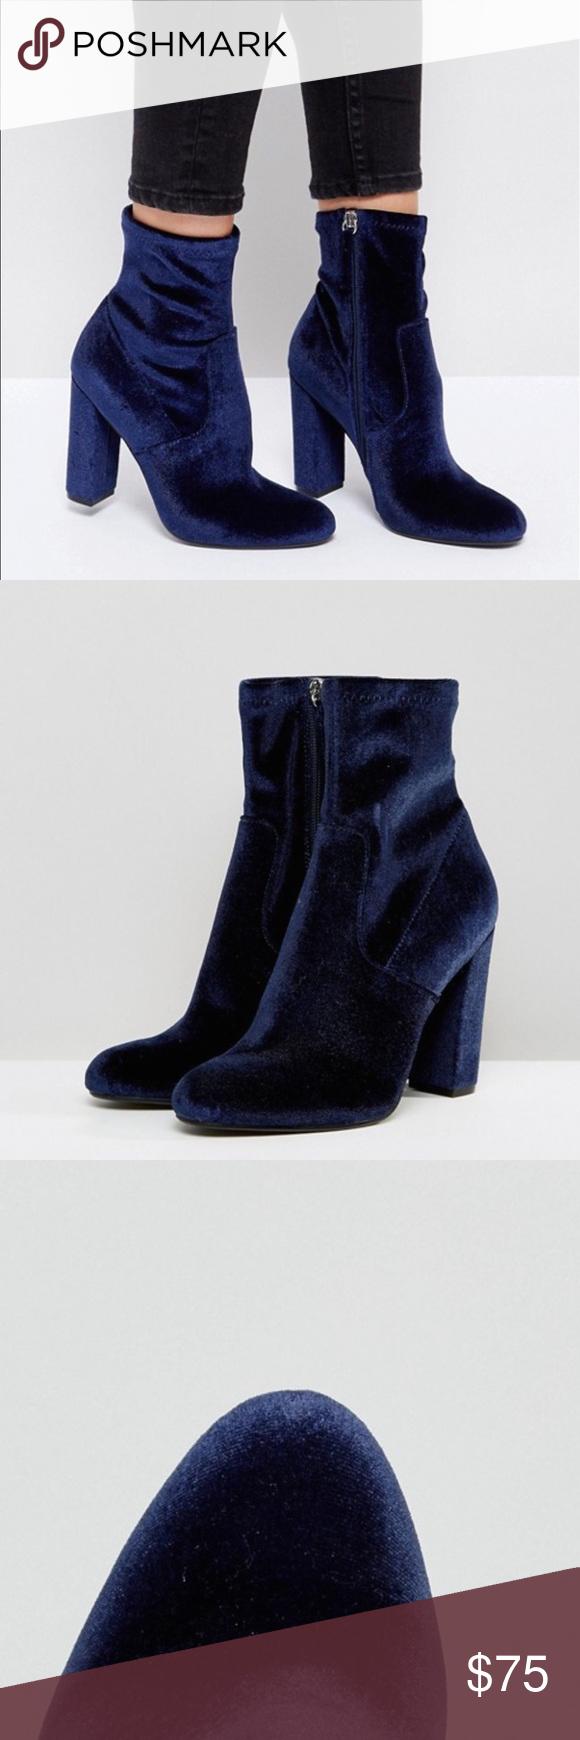 NWT SteveMadden Editt Velvet Boots 10